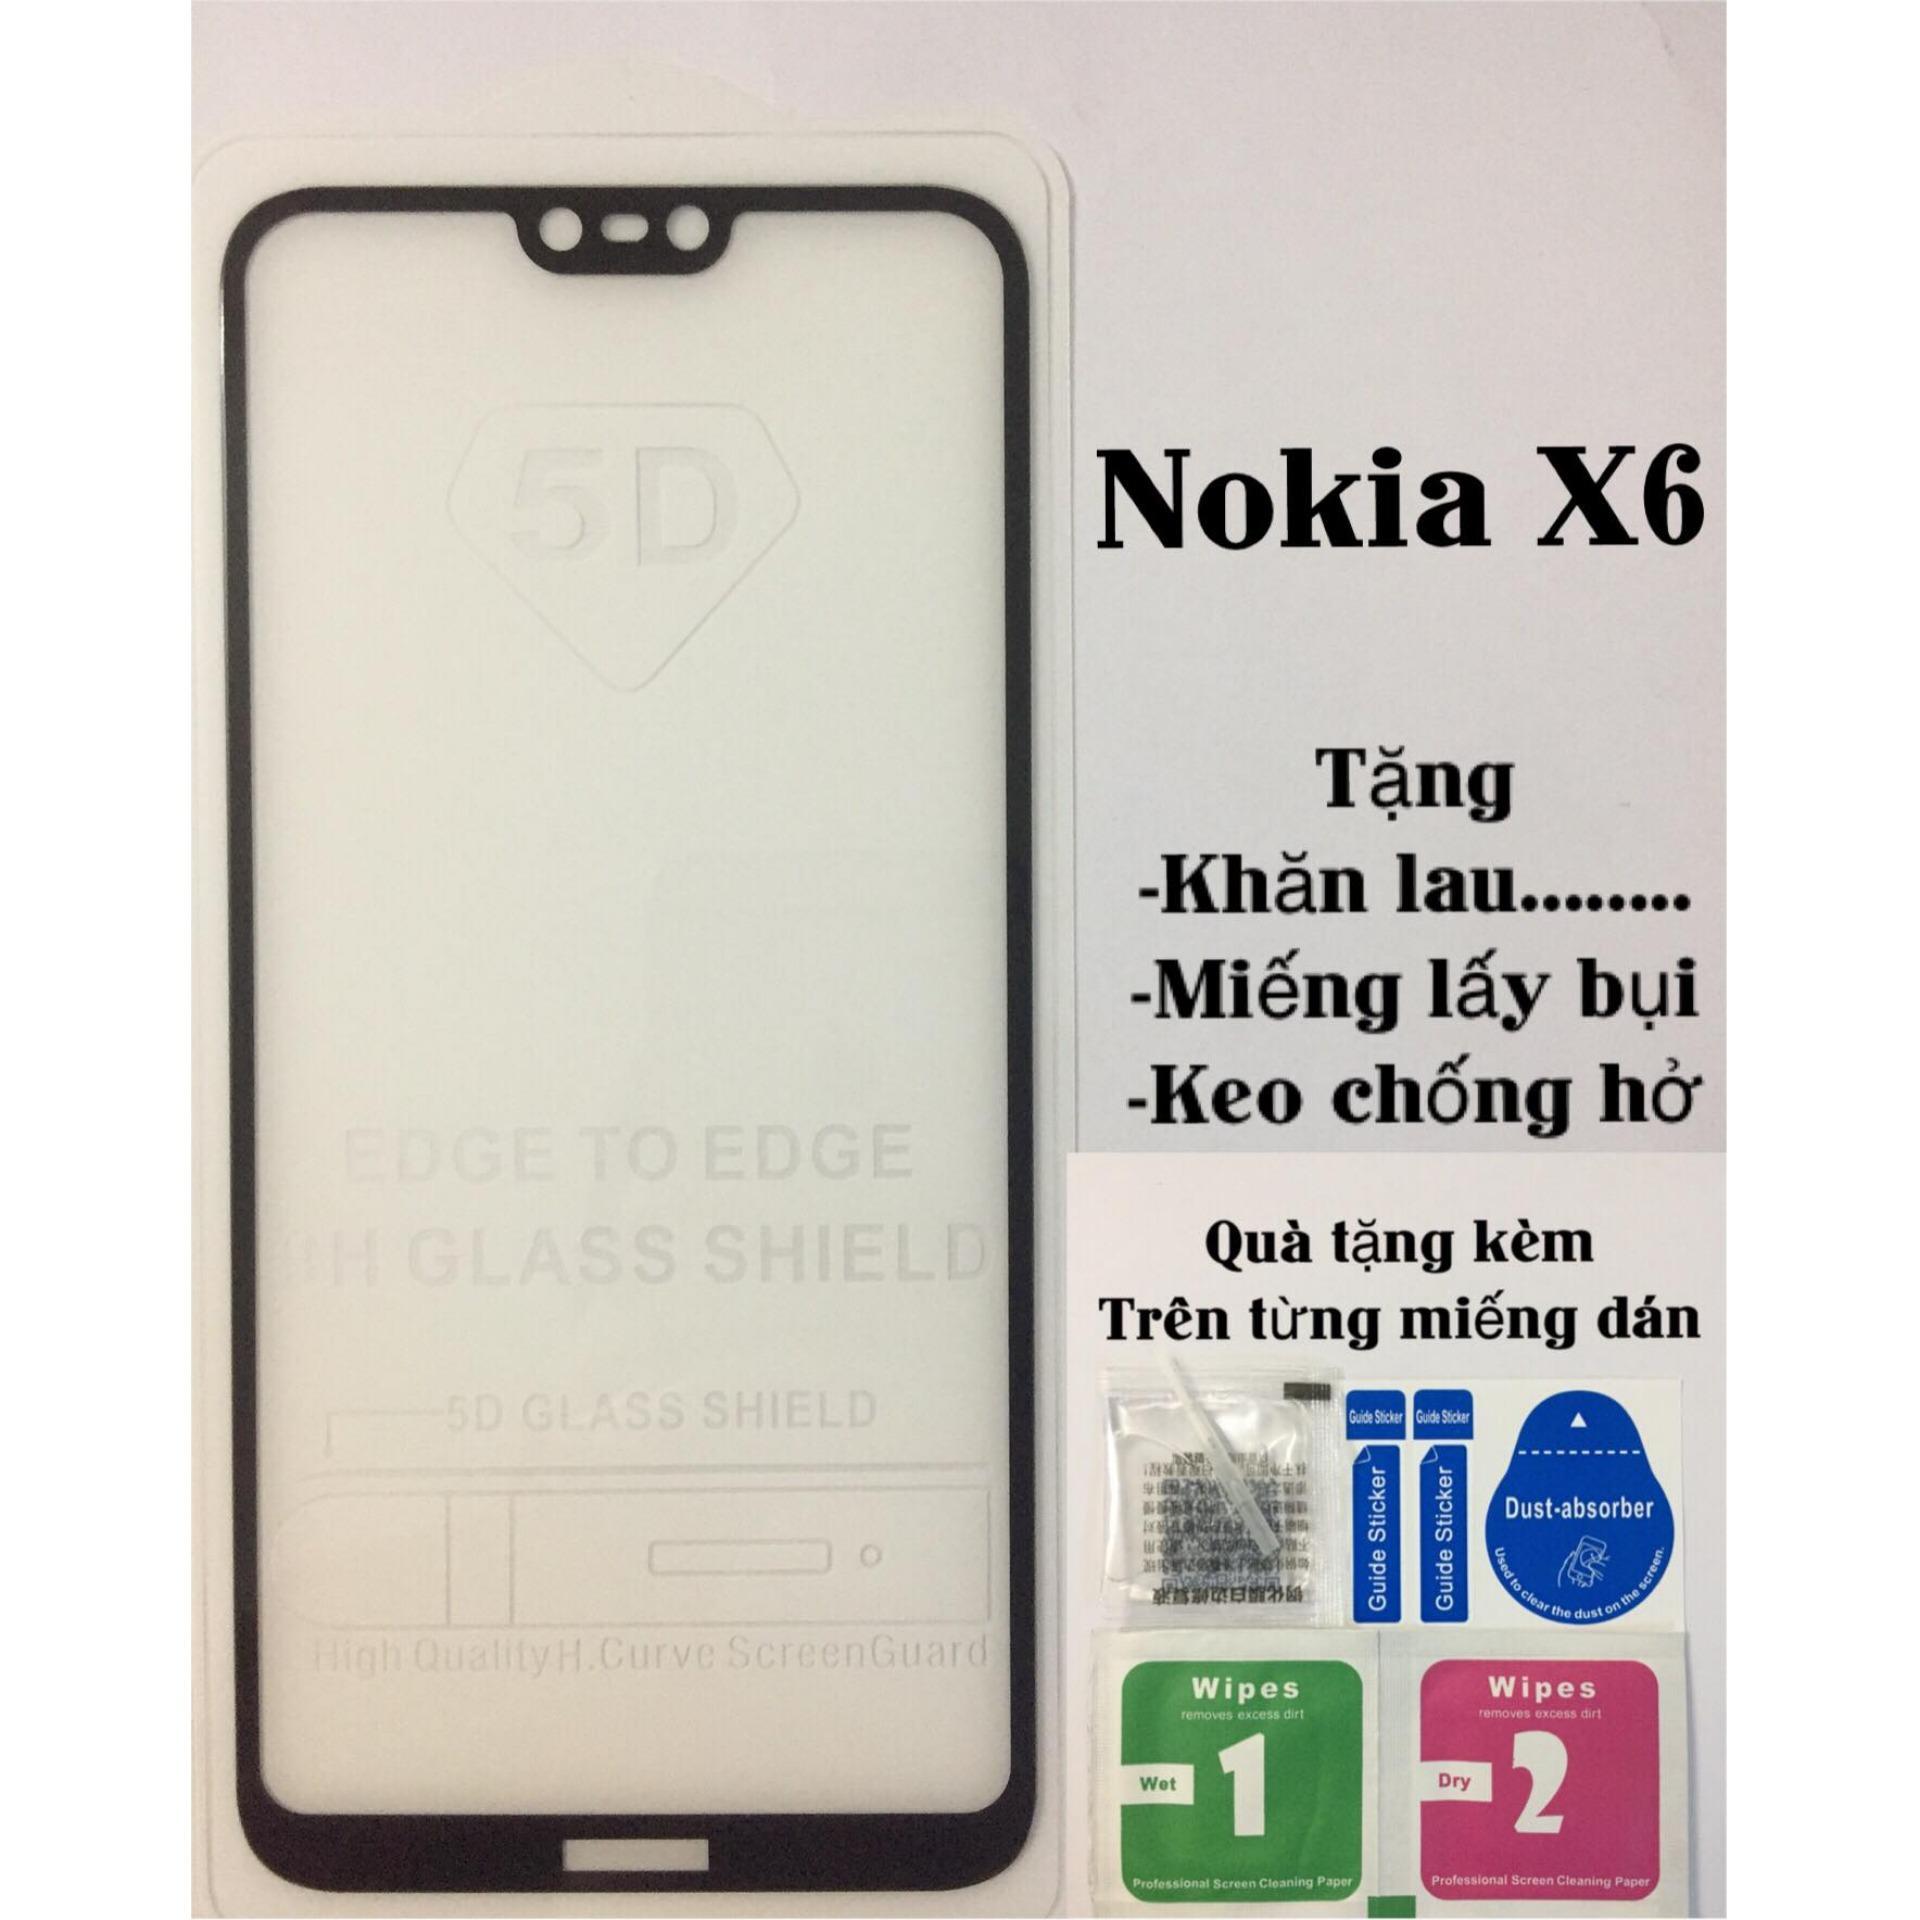 Kính cường lực Nokia X6 Tặng miếng lau ướt và khô,keo dán hở mép,lấy bụi Đang Bán Tại PS Shop